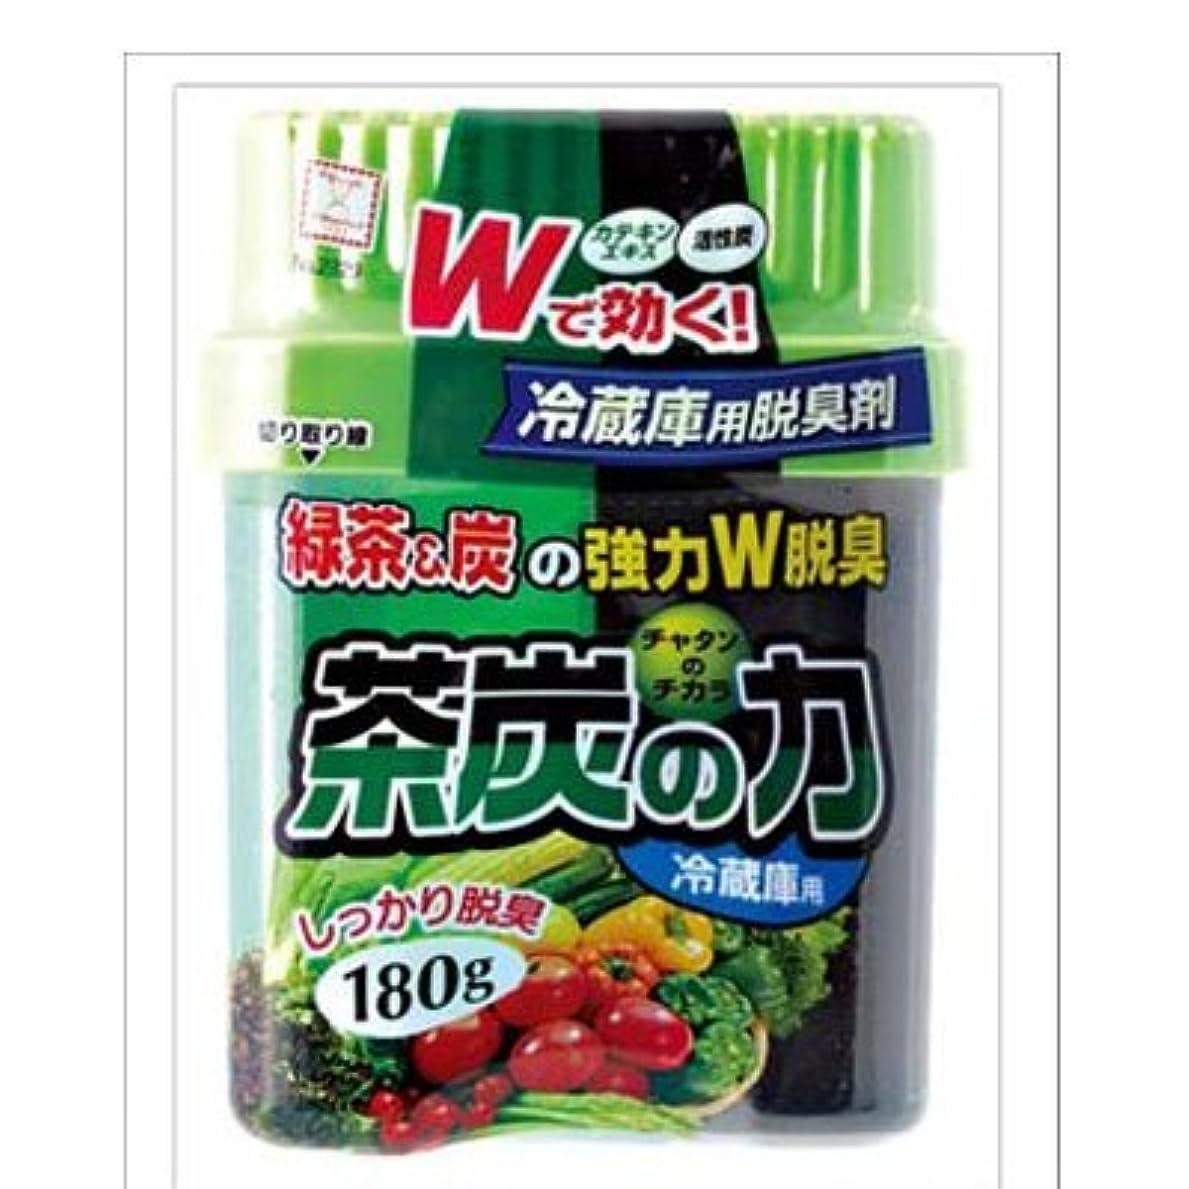 オーナメントステージ陽気な小久保(Kokubo) 茶炭の力 冷蔵庫用脱臭剤 180g【まとめ買い6個セット】 2329